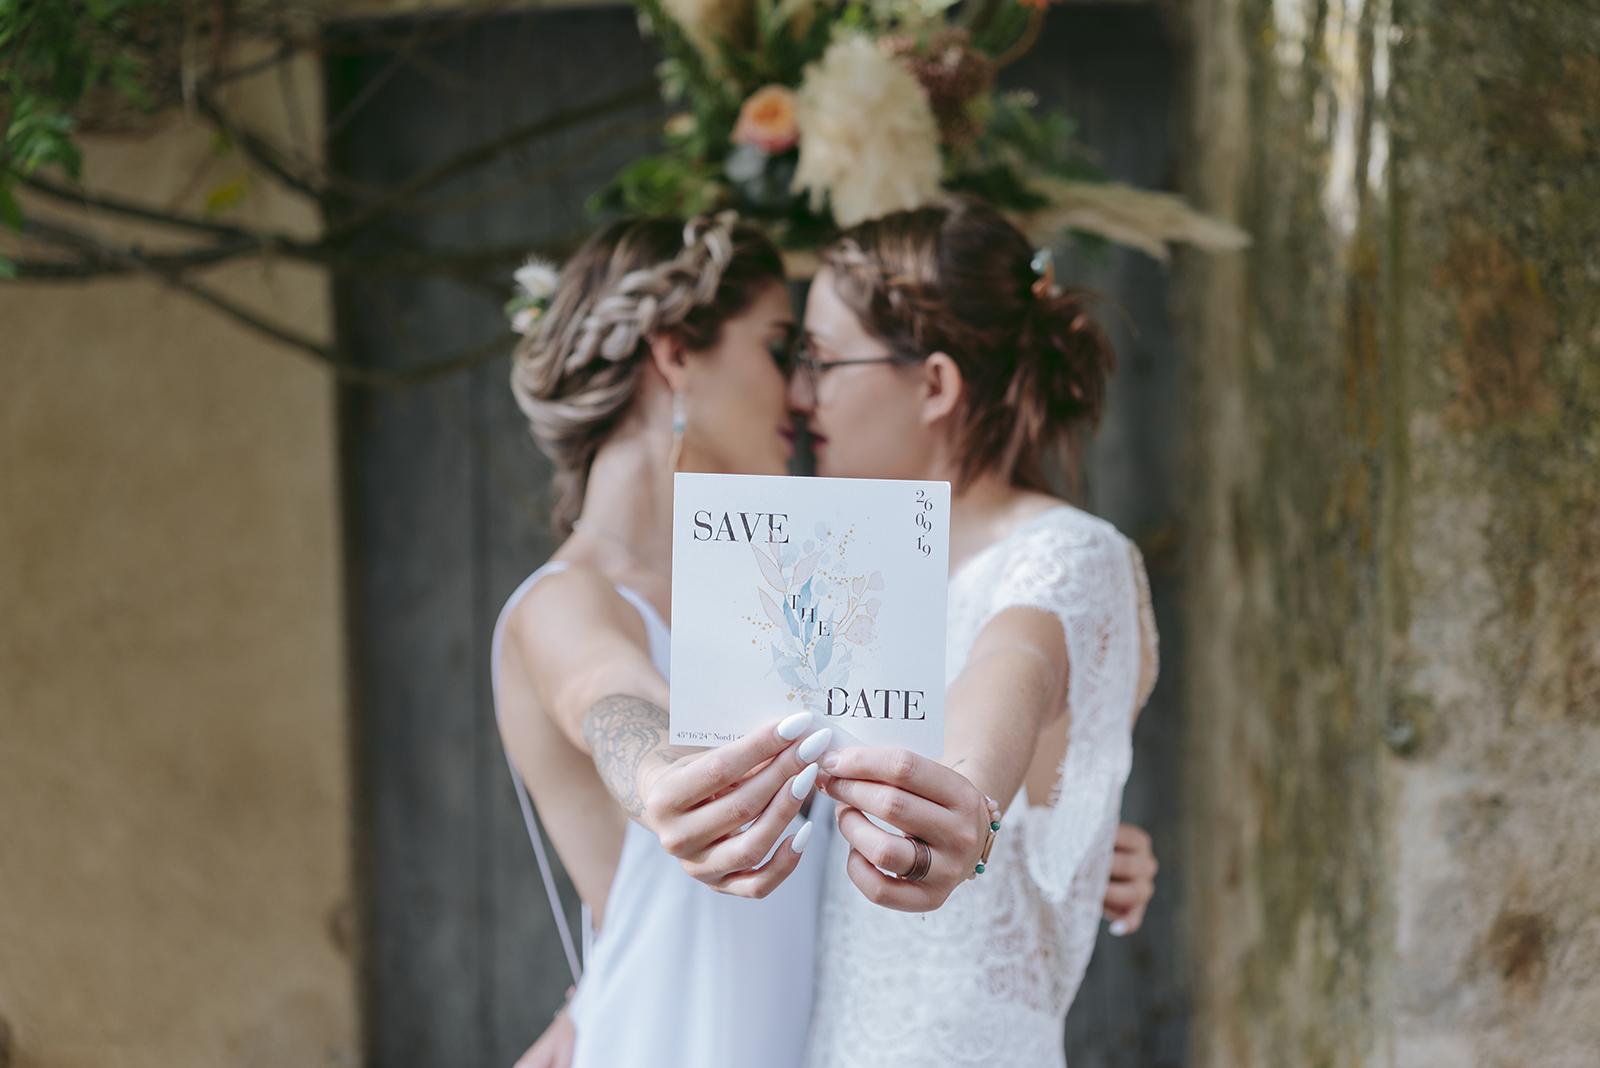 faire part de mariage avec couple flou qui s'embrasse